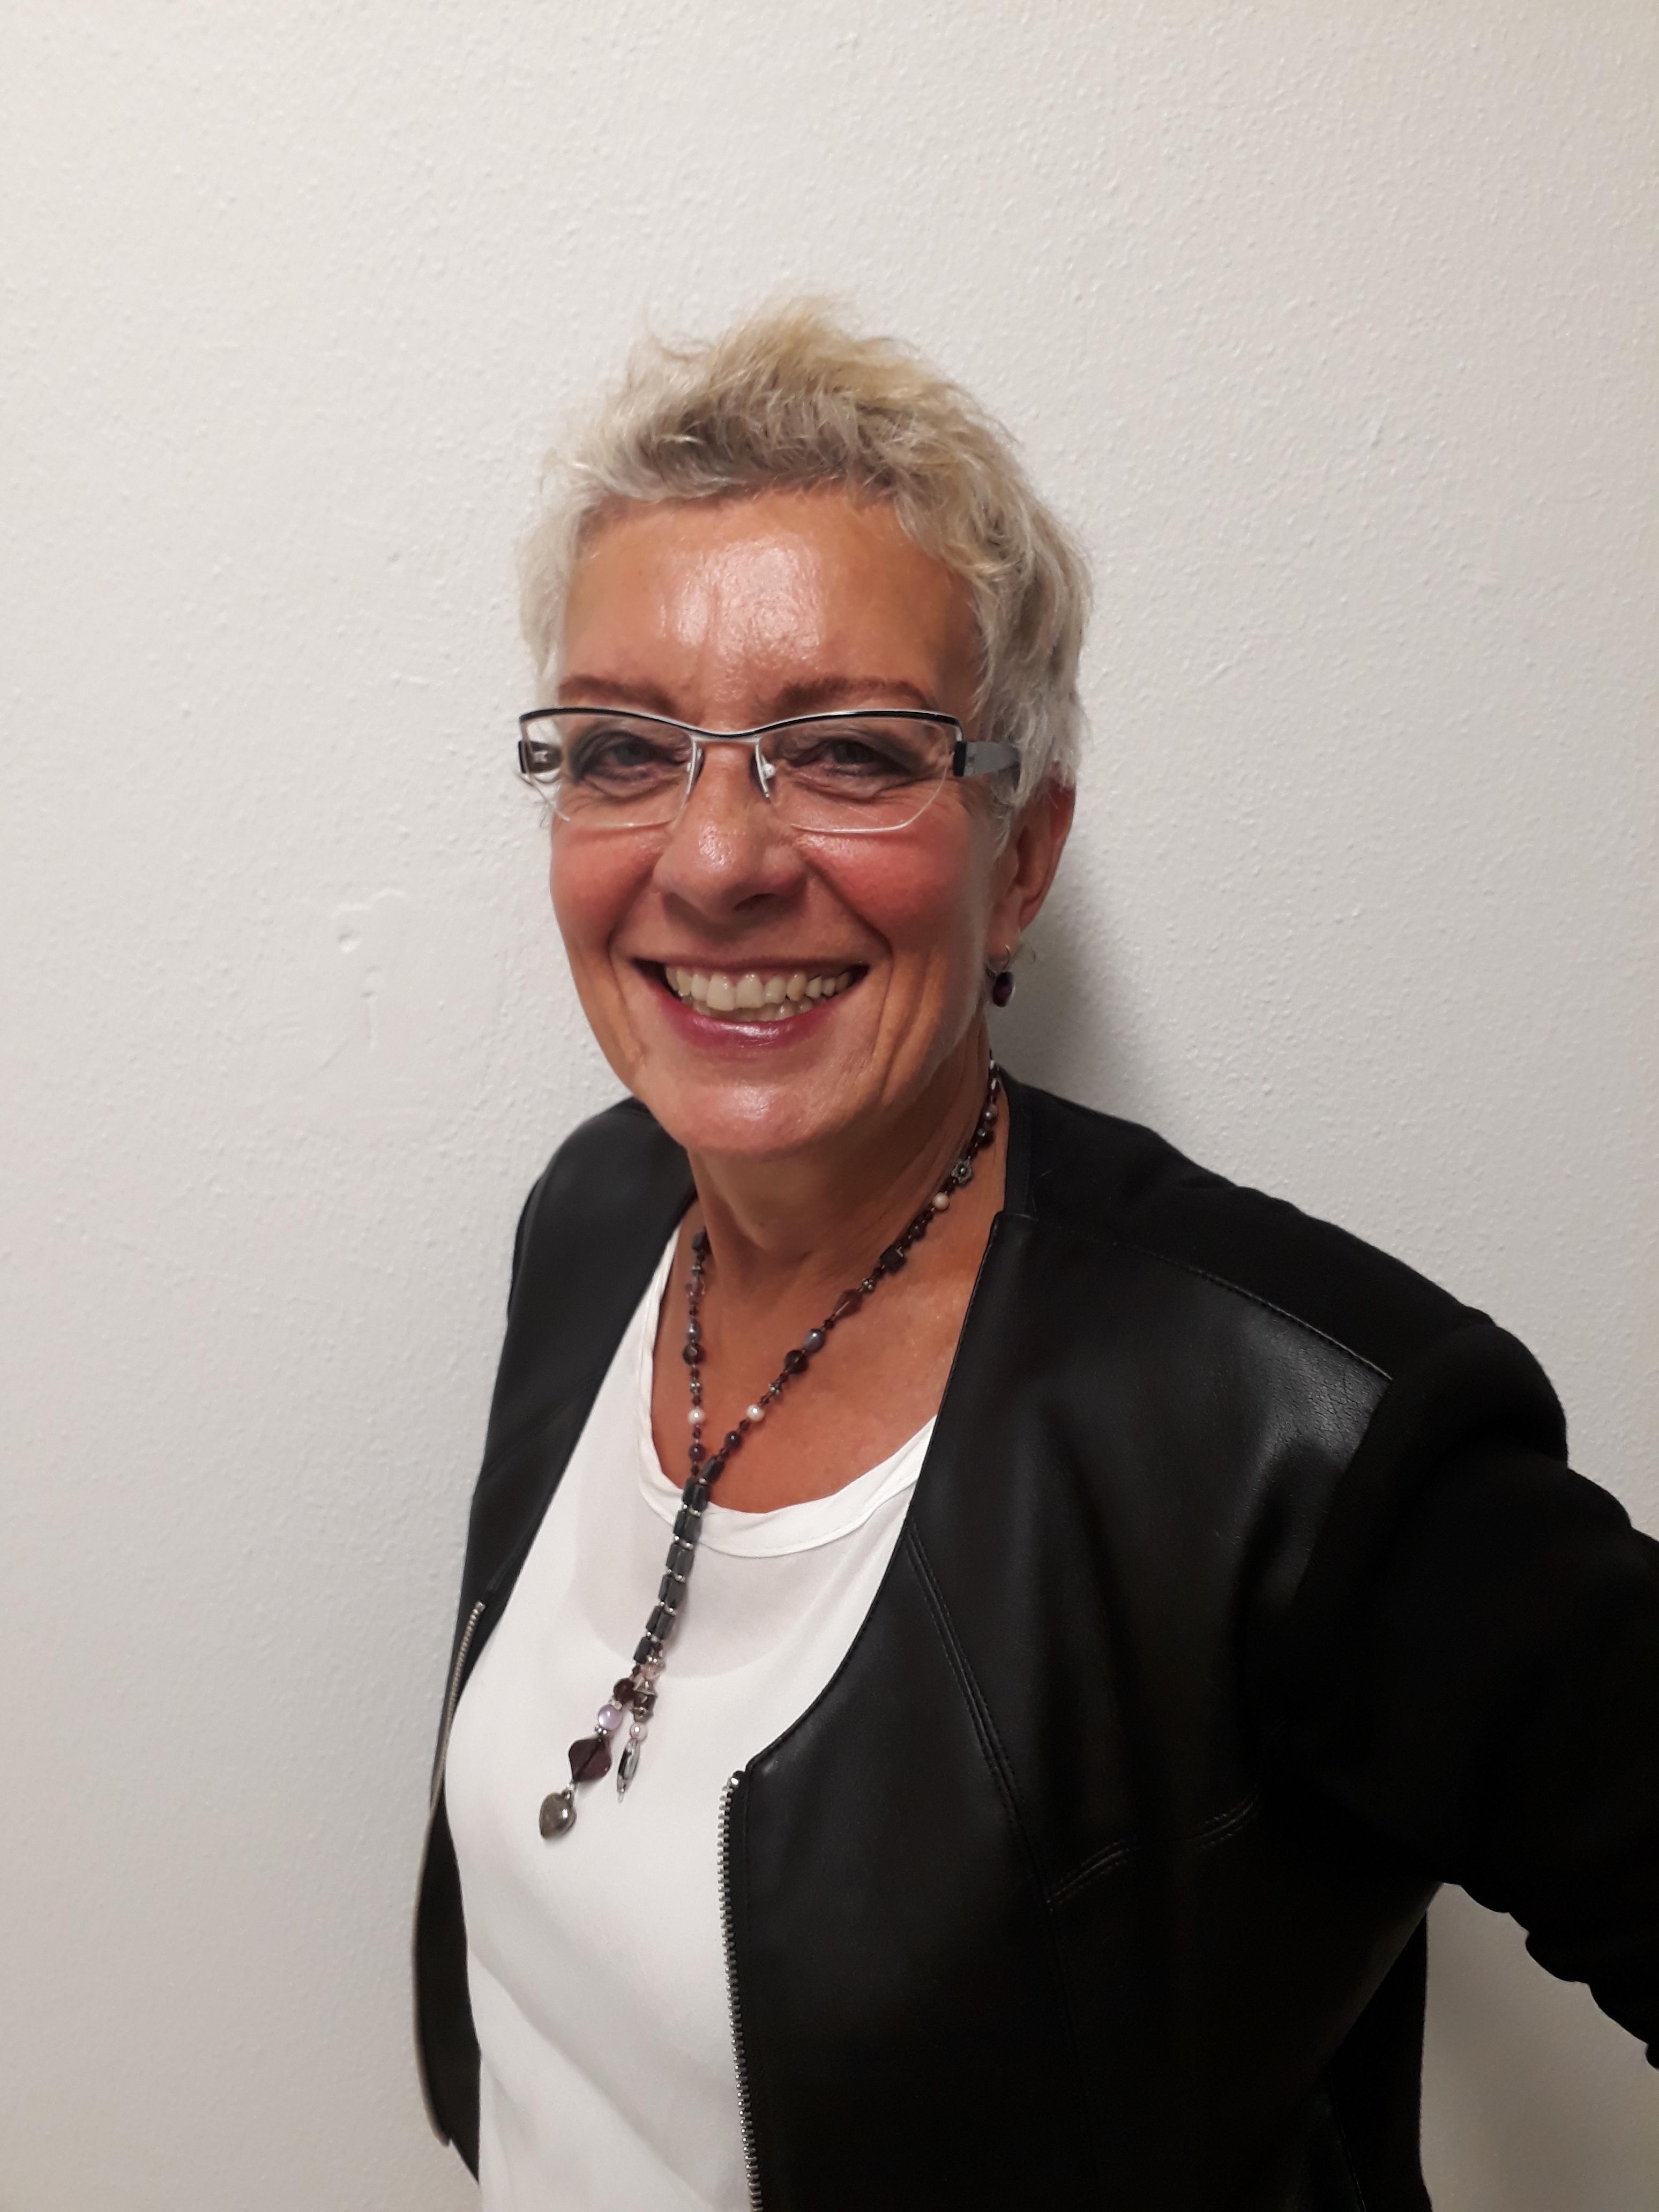 Frau Fenske